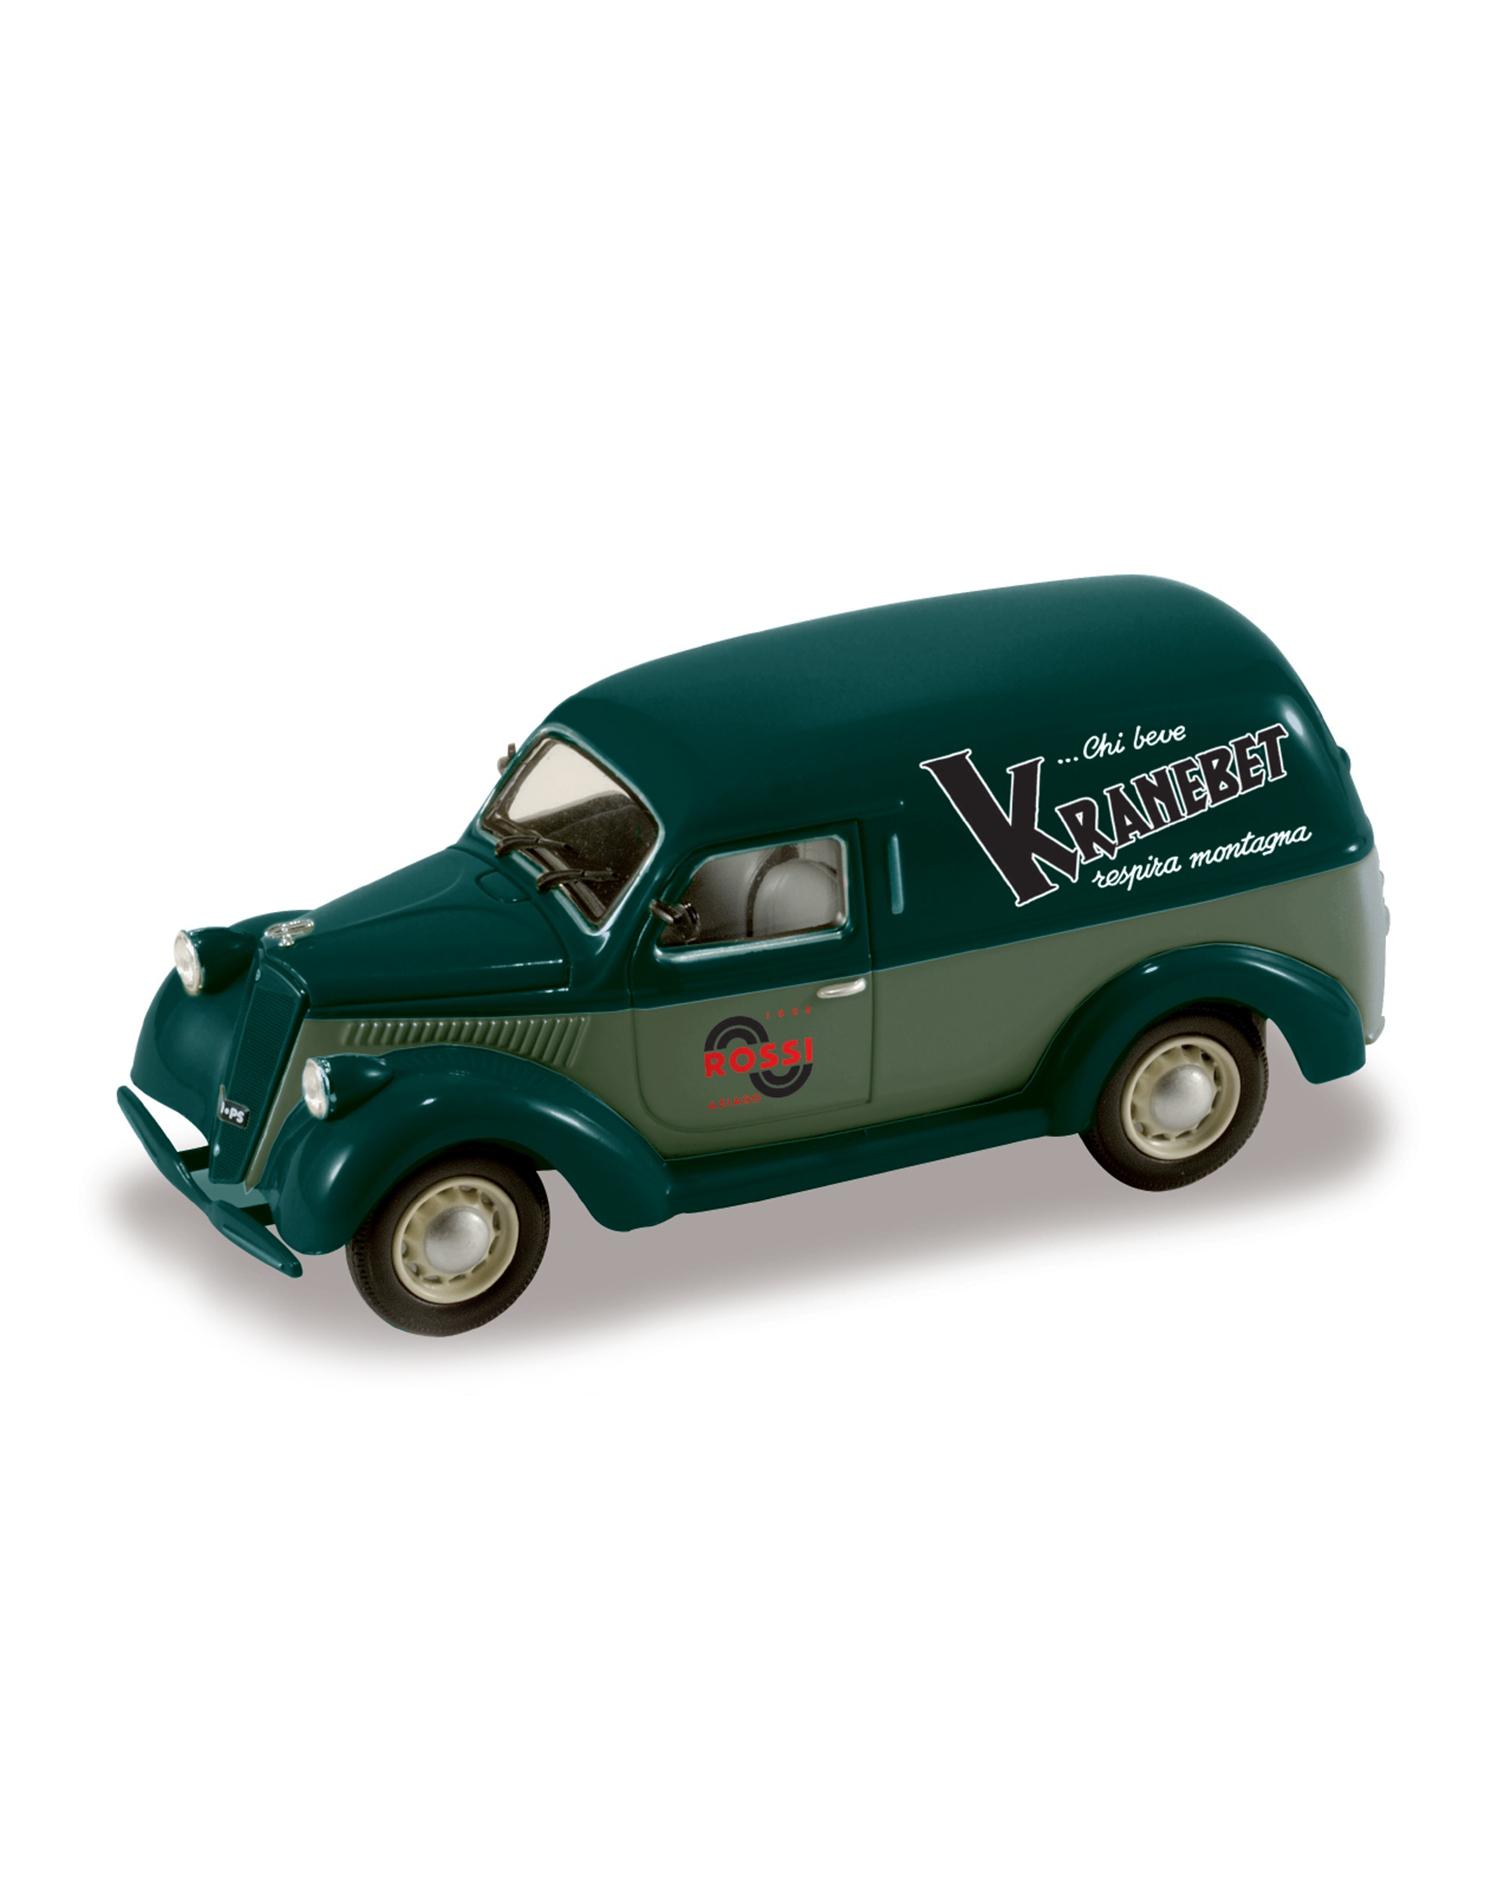 Modellino Lancia Ardea Kranebet